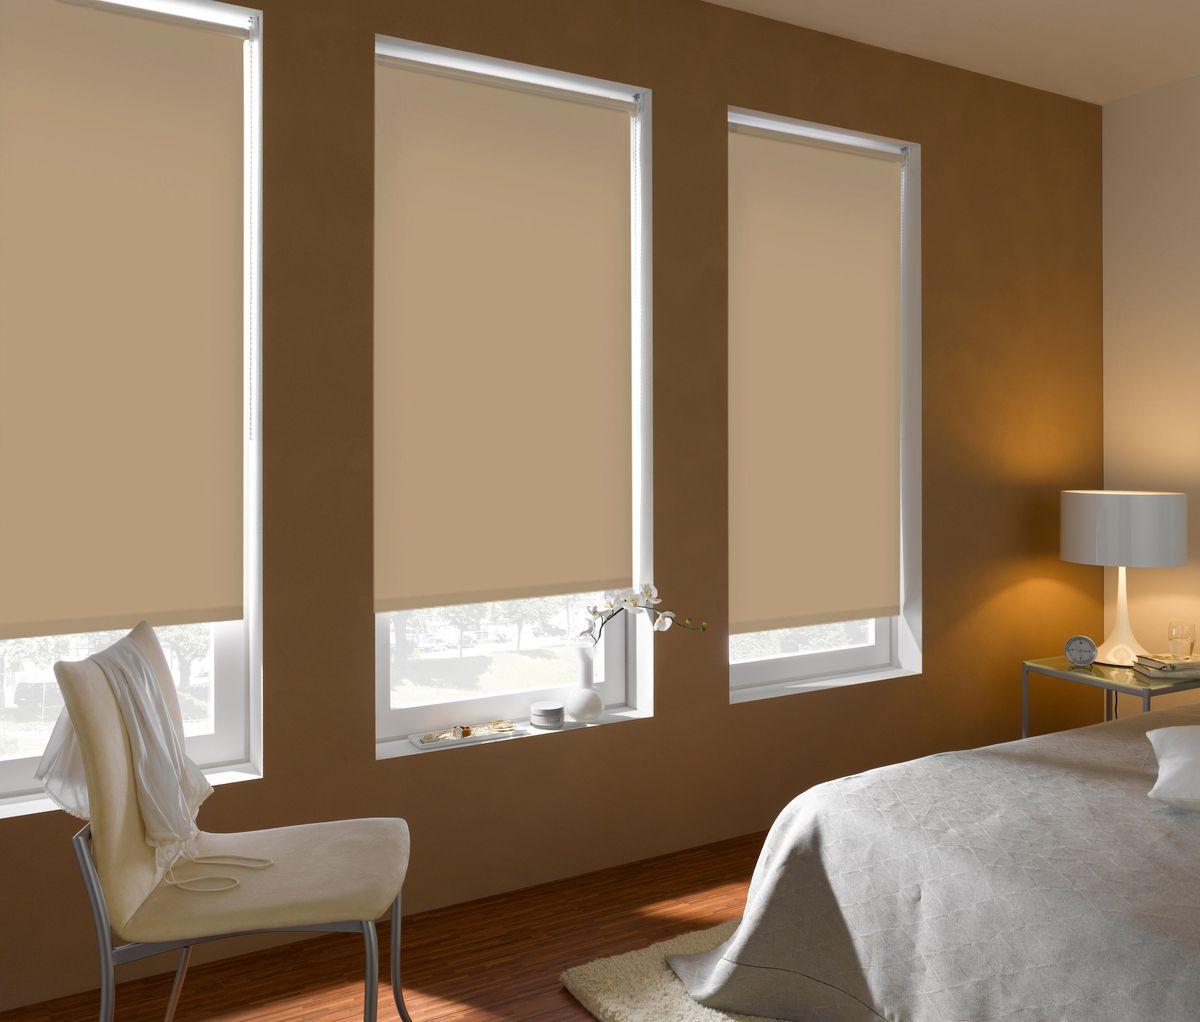 Штора рулонная Эскар Blackout, светонепроницаемая, цвет: бежевый, ширина 160 см, высота 170 см84009160170Рулонными шторами можно оформлять окна как самостоятельно, так и использовать в комбинации с портьерами. Это поможет предотвратить выгорание дорогой ткани на солнце и соединит функционал рулонных с красотой навесных.Преимущества применения рулонных штор для пластиковых окон:- имеют прекрасный внешний вид: многообразие и фактурность материала изделия отлично смотрятся в любом интерьере; - многофункциональны: есть возможность подобрать шторы способные эффективно защитить комнату от солнца, при этом она не будет слишком темной.- Есть возможность осуществить быстрый монтаж.ВНИМАНИЕ! Размеры ширины изделия указаны по ширине ткани!Во время эксплуатации не рекомендуется полностью разматывать рулон, чтобы не оторвать ткань от намоточного вала.В случае загрязнения поверхности ткани, чистку шторы проводят одним из способов, в зависимости от типа загрязнения: легкое поверхностное загрязнение можно удалить при помощи канцелярского ластика; чистка от пыли производится сухим методом при помощи пылесоса с мягкой щеткой-насадкой; для удаления пятна используйте мягкую губку с пенообразующим неагрессивным моющим средством или пятновыводитель на натуральной основе (нельзя применять растворители).